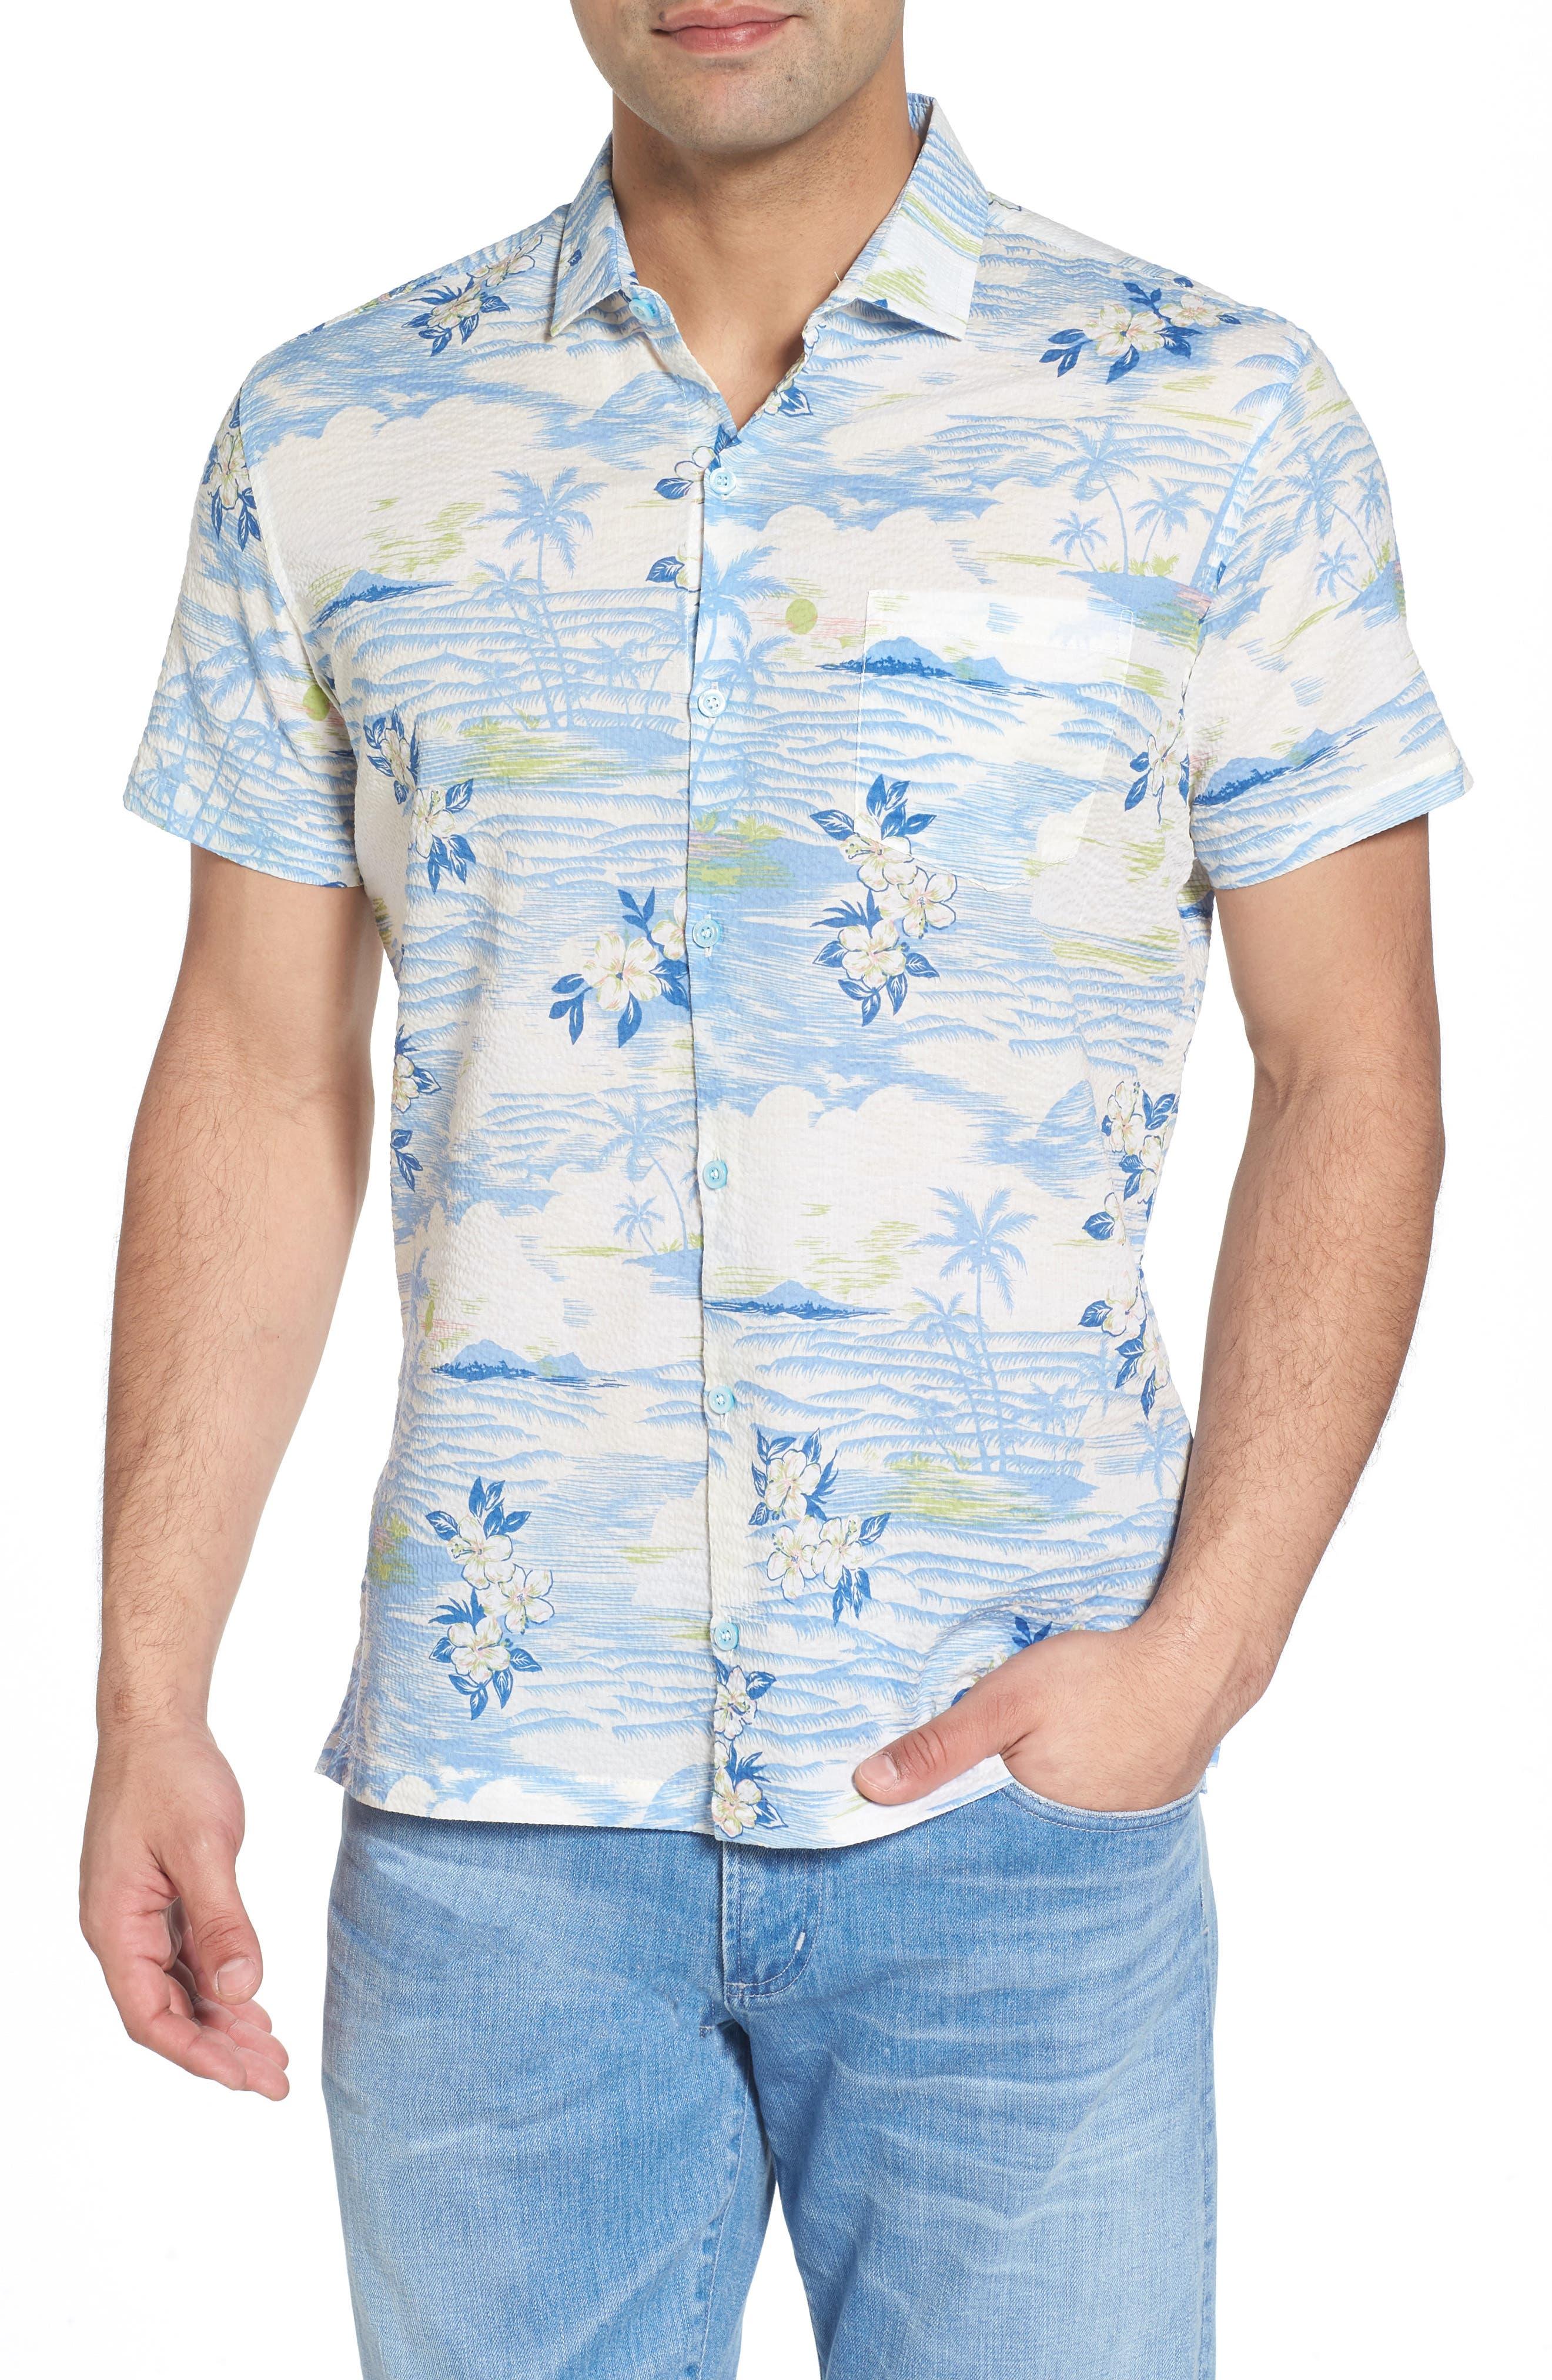 Tropic Dream Lawn Sport Shirt,                             Main thumbnail 1, color,                             409